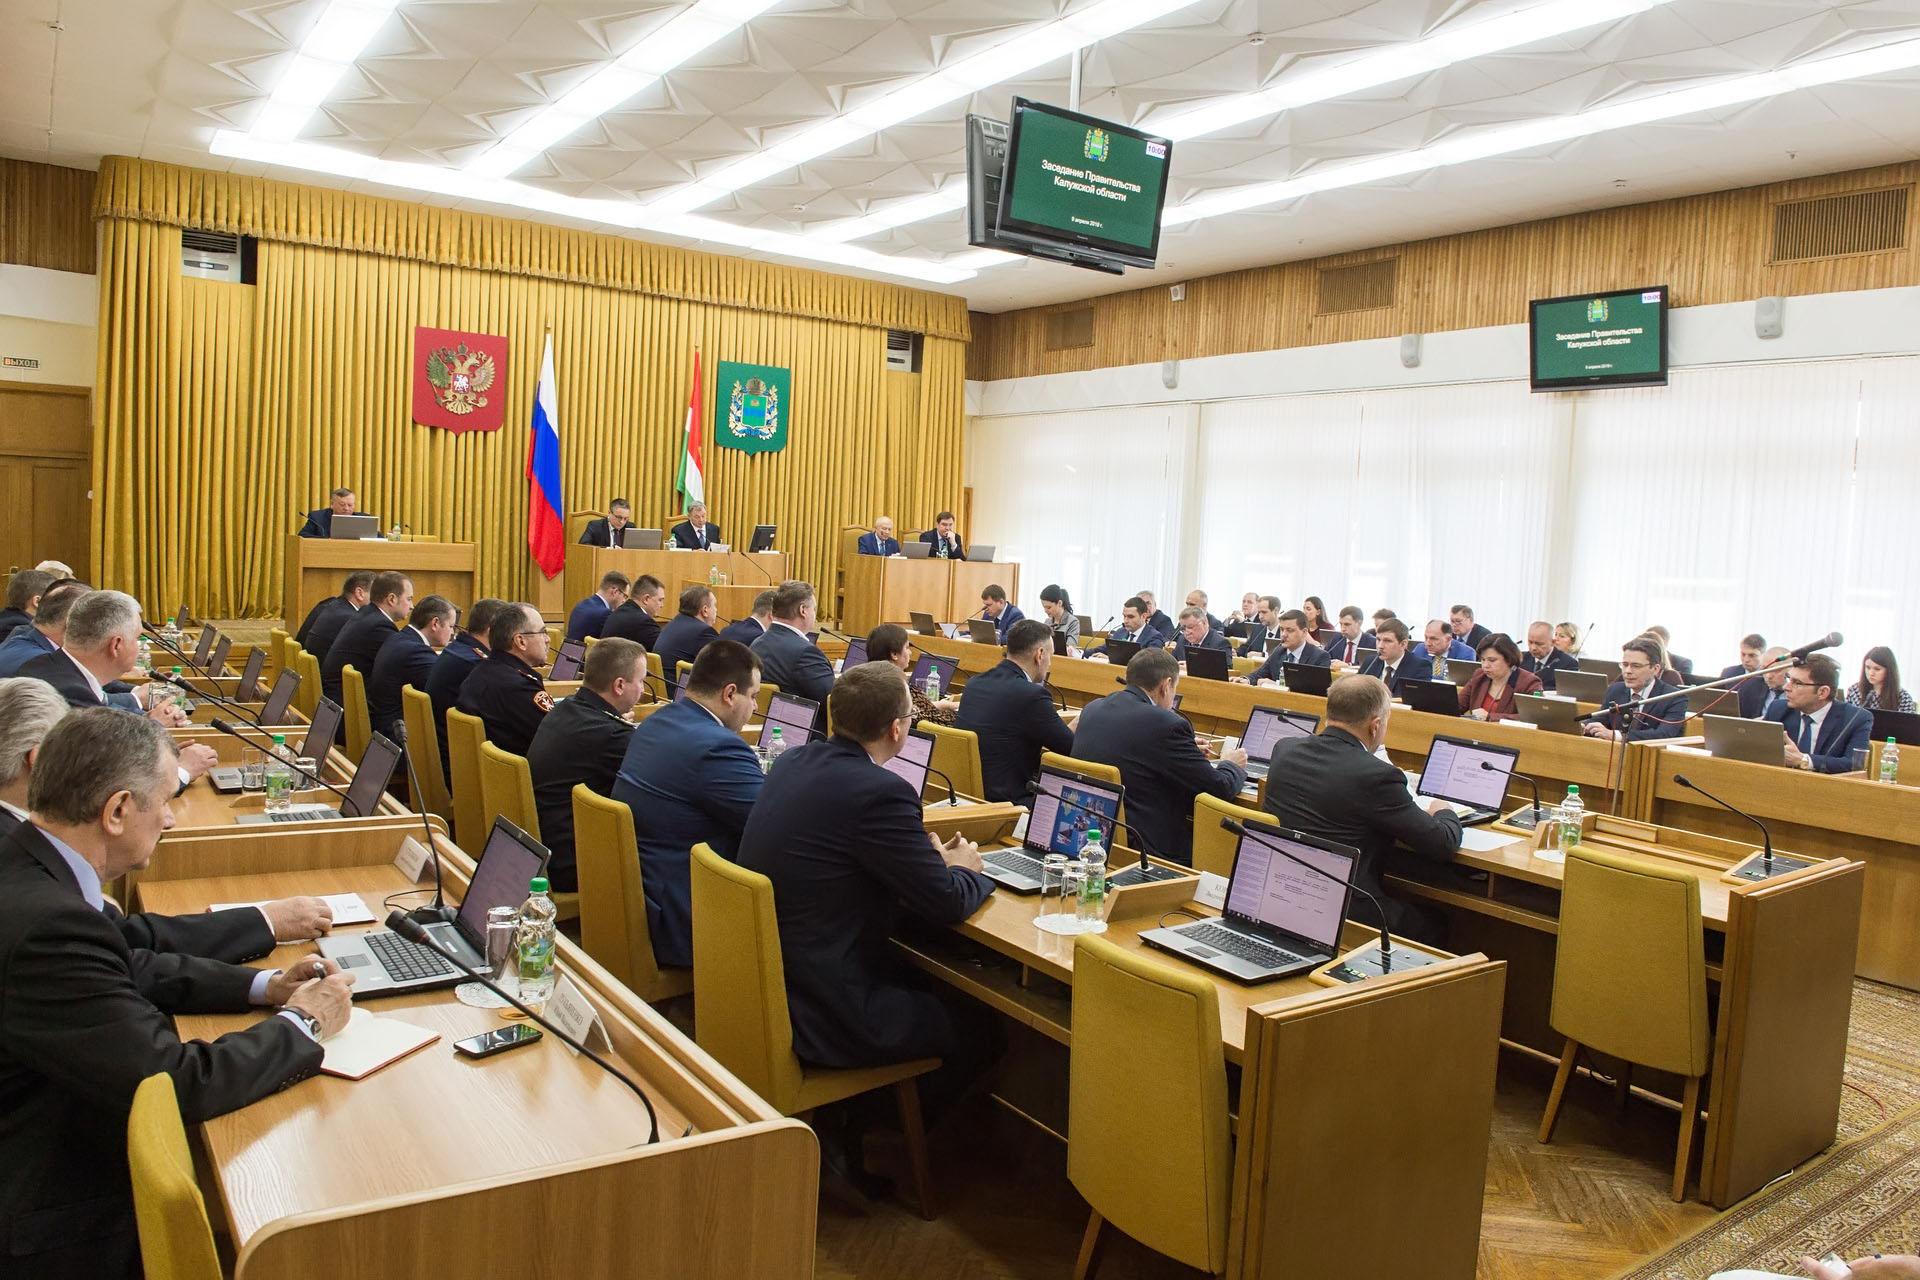 В Правительстве области обсудили итоги исполнения бюджета территориального фонда обязательного медицинского страхования и актуальные задачи текущего периода